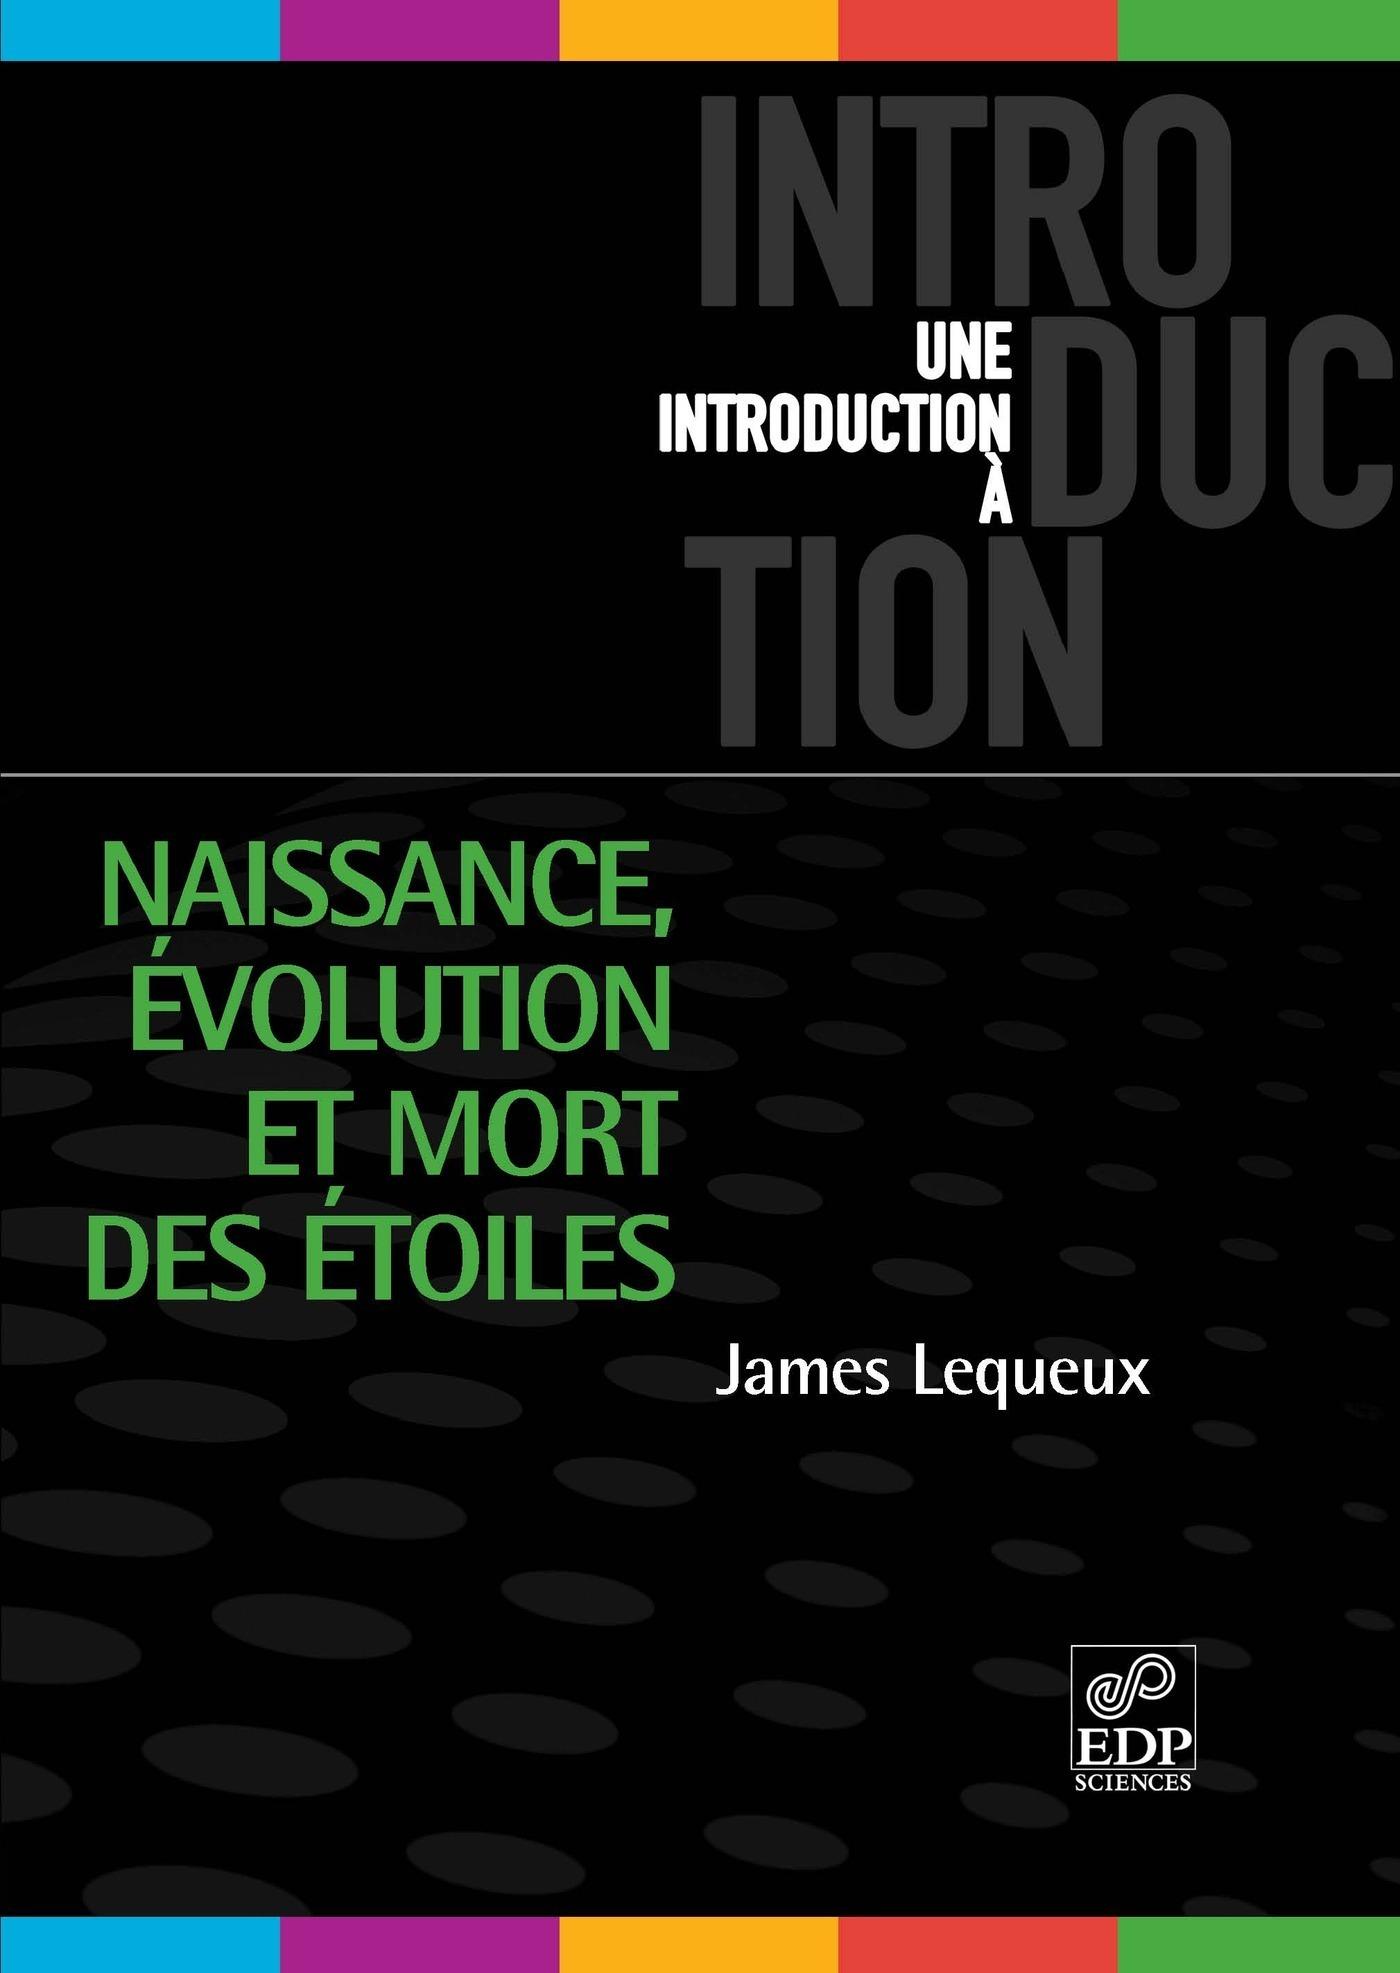 NAISSANCE, EVOLUTION ET MORT DES ETOILES